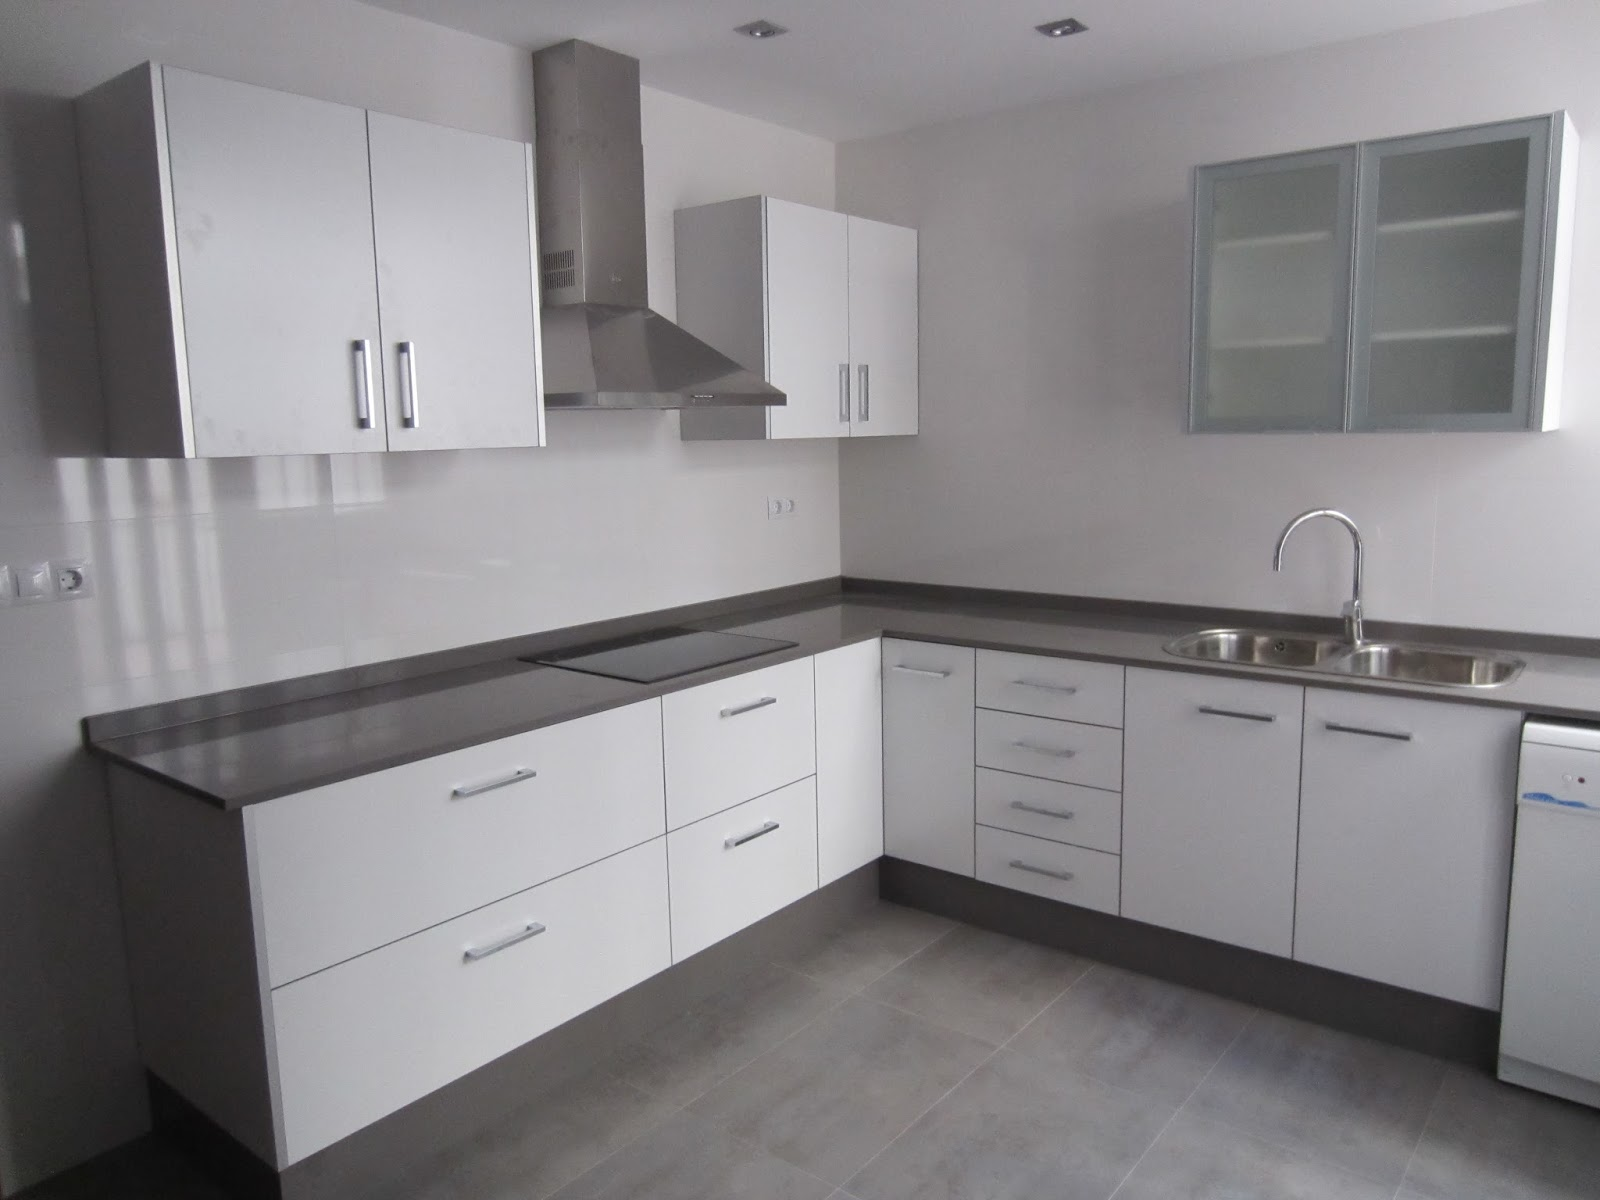 Muebles De Cocina Blancos - Decoración Del Hogar - Prosalo.com